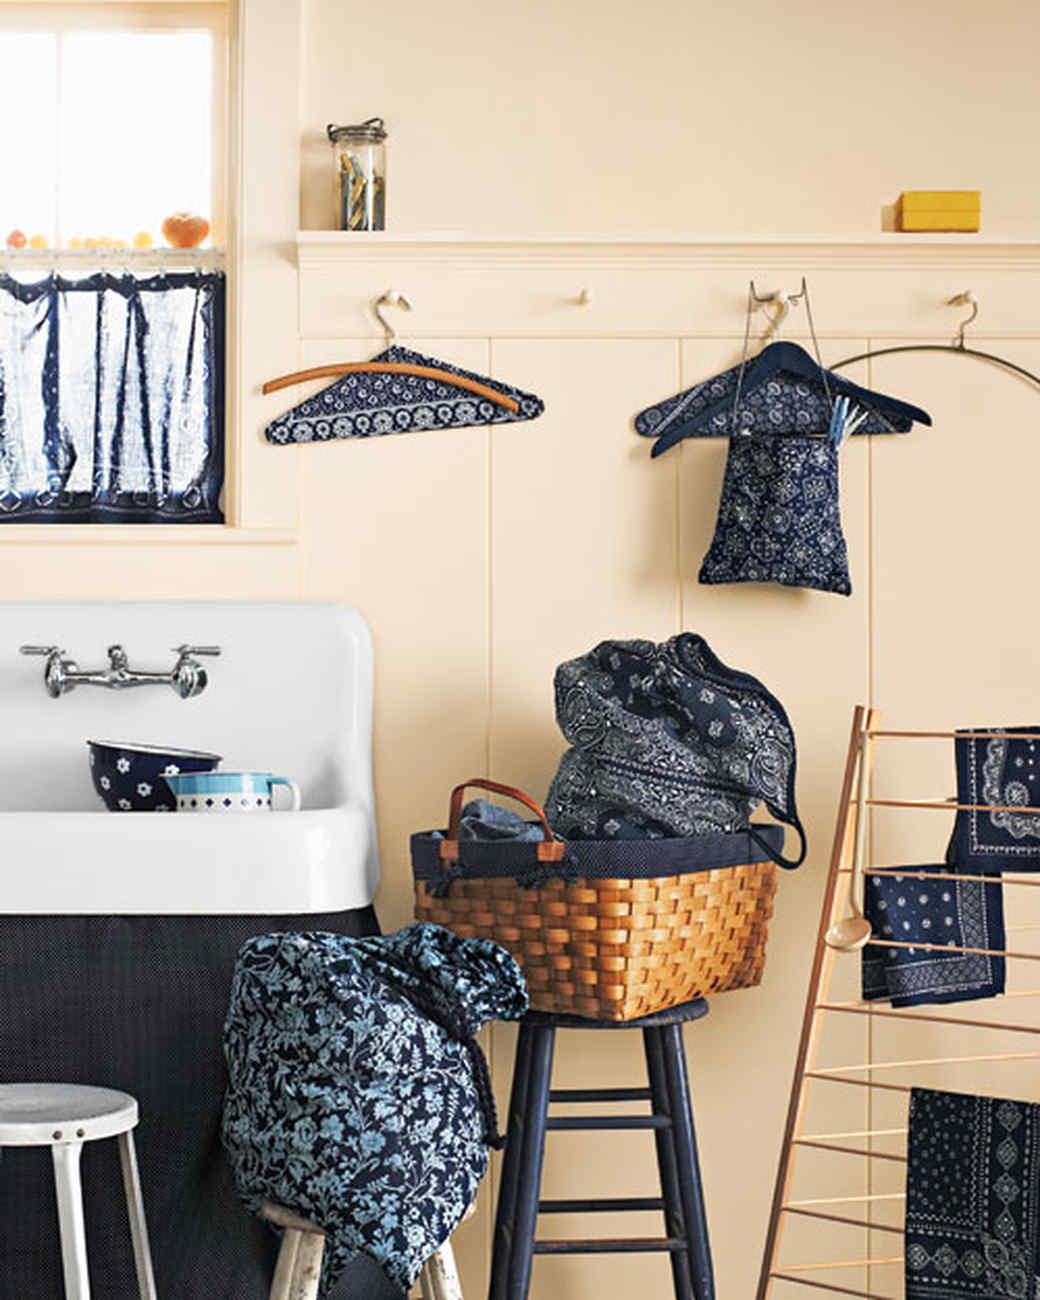 Bandanna-Lined Laundry Basket